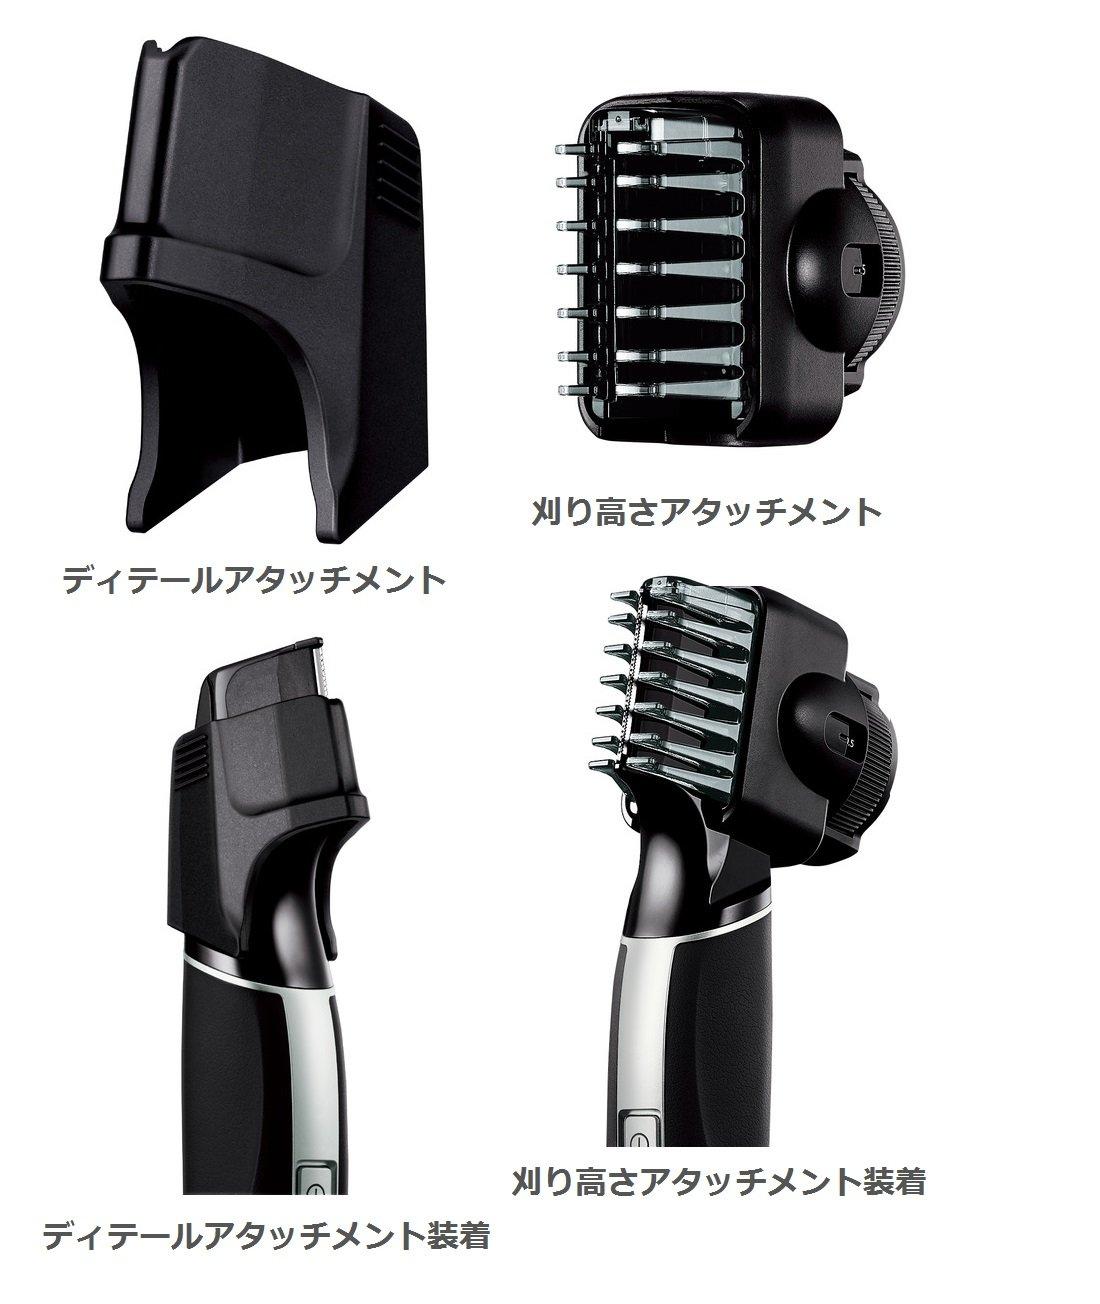 日本公司貨 國際牌 PANASONIC【ER-GD60】刮鬍刀 修鬍刀 鬍鬚修剪器 國際電壓 6